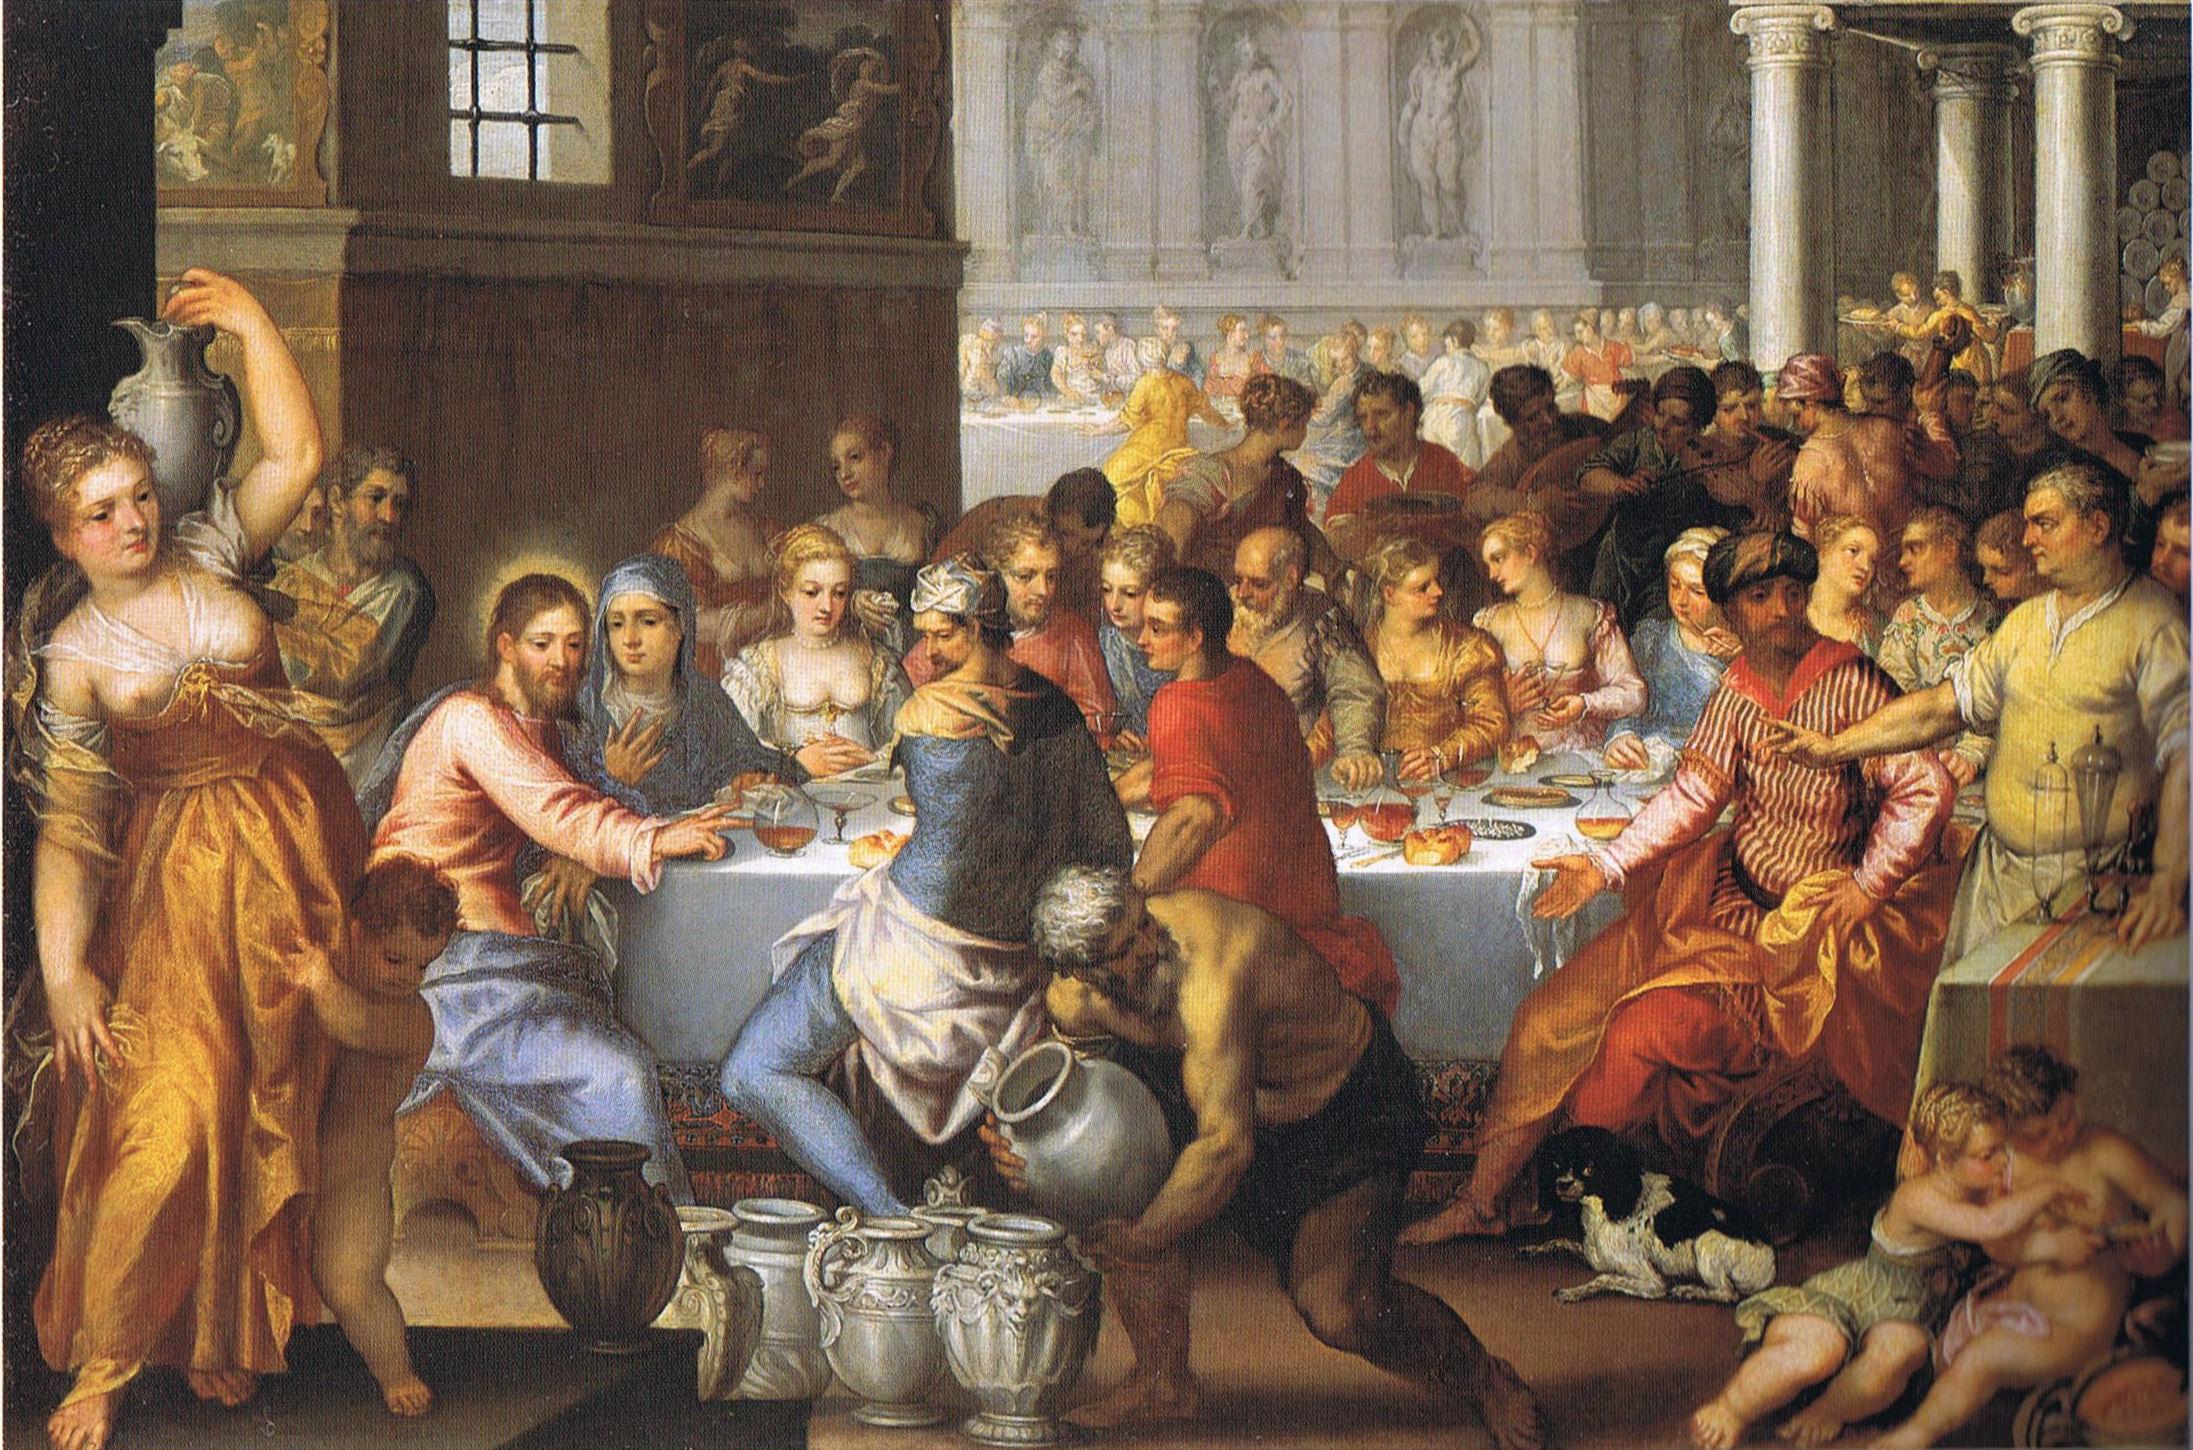 File:Rottenhammer Hochzeit zu Kana.jpg - Wikimedia Commons